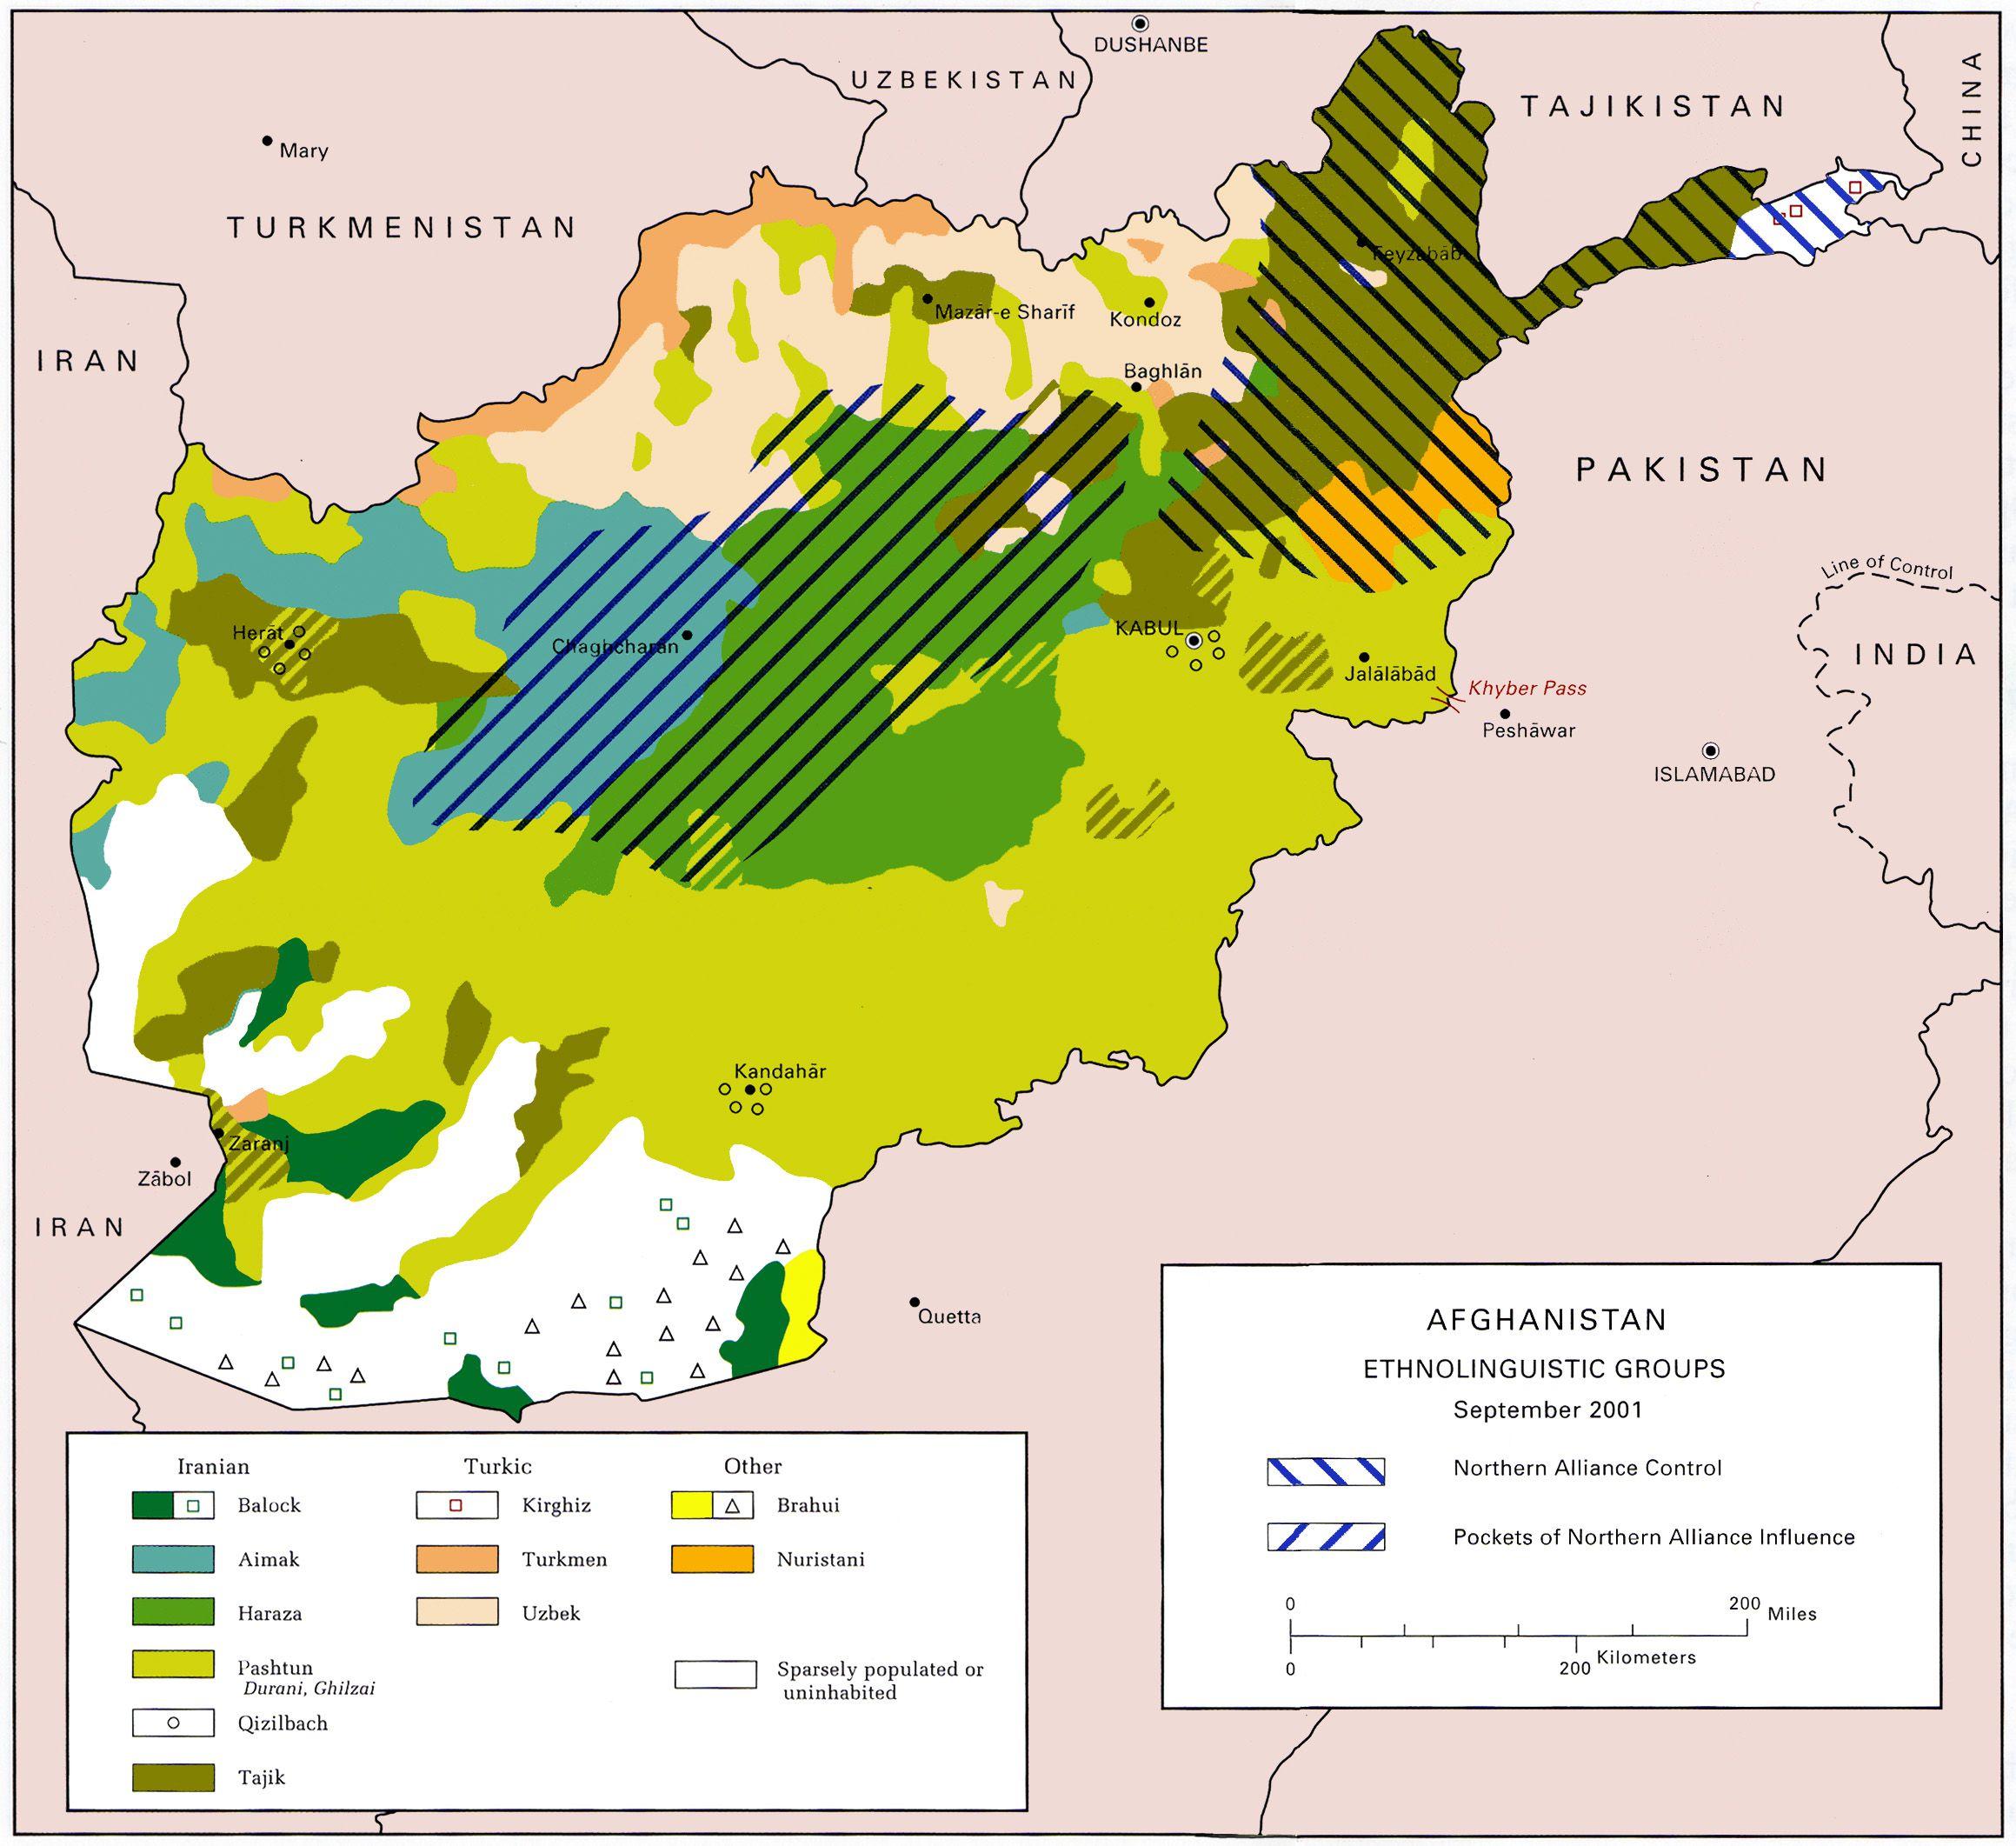 خريطة الحرب الإنجليزية الأفغانية الأولى